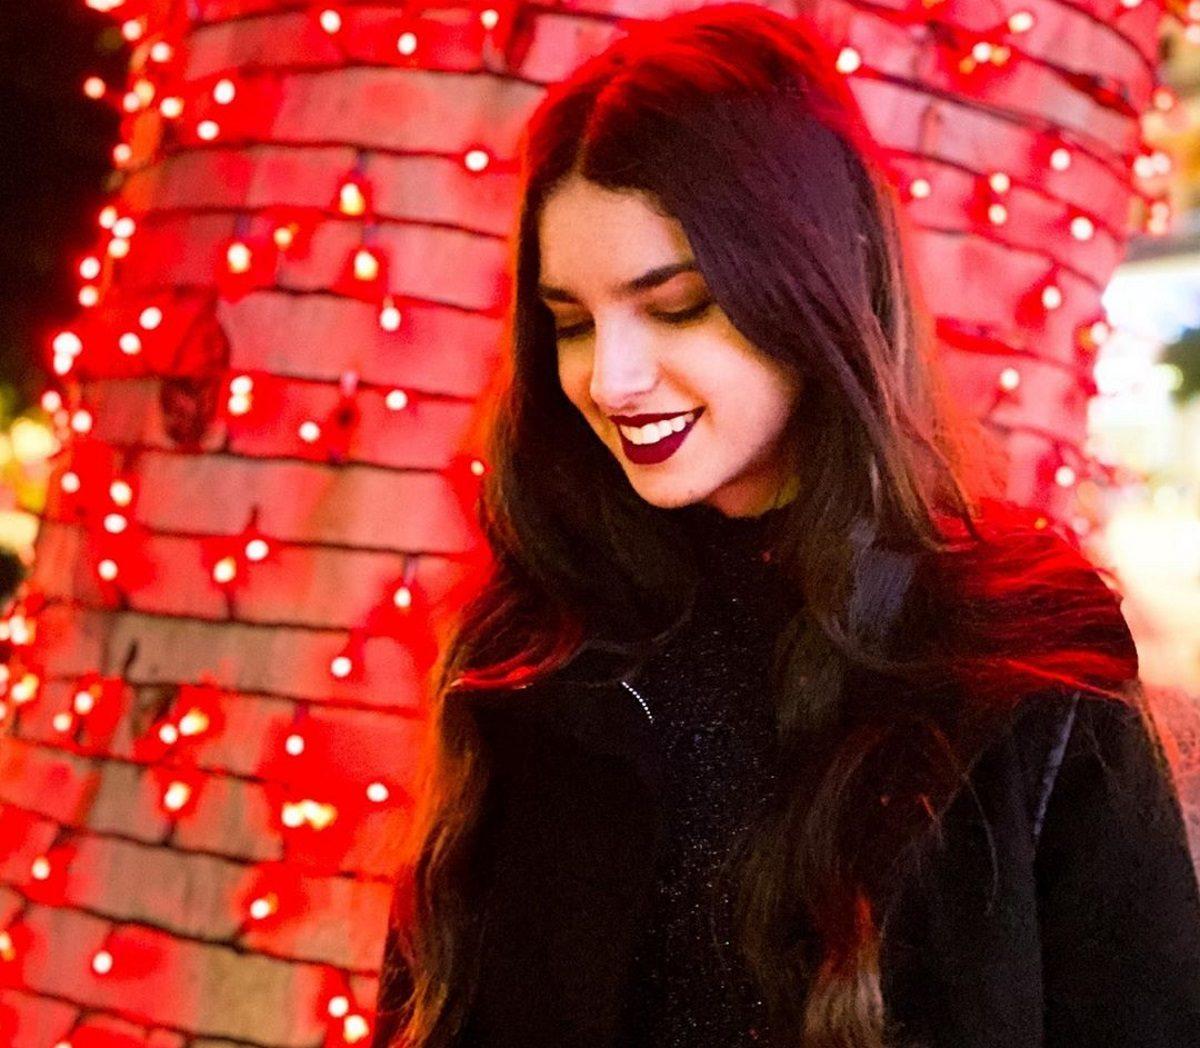 Ιφιγένεια Τζόλα: Η ηθοποιός της σειράς 8 λέξεις… στο Μιλάνο! | tlife.gr